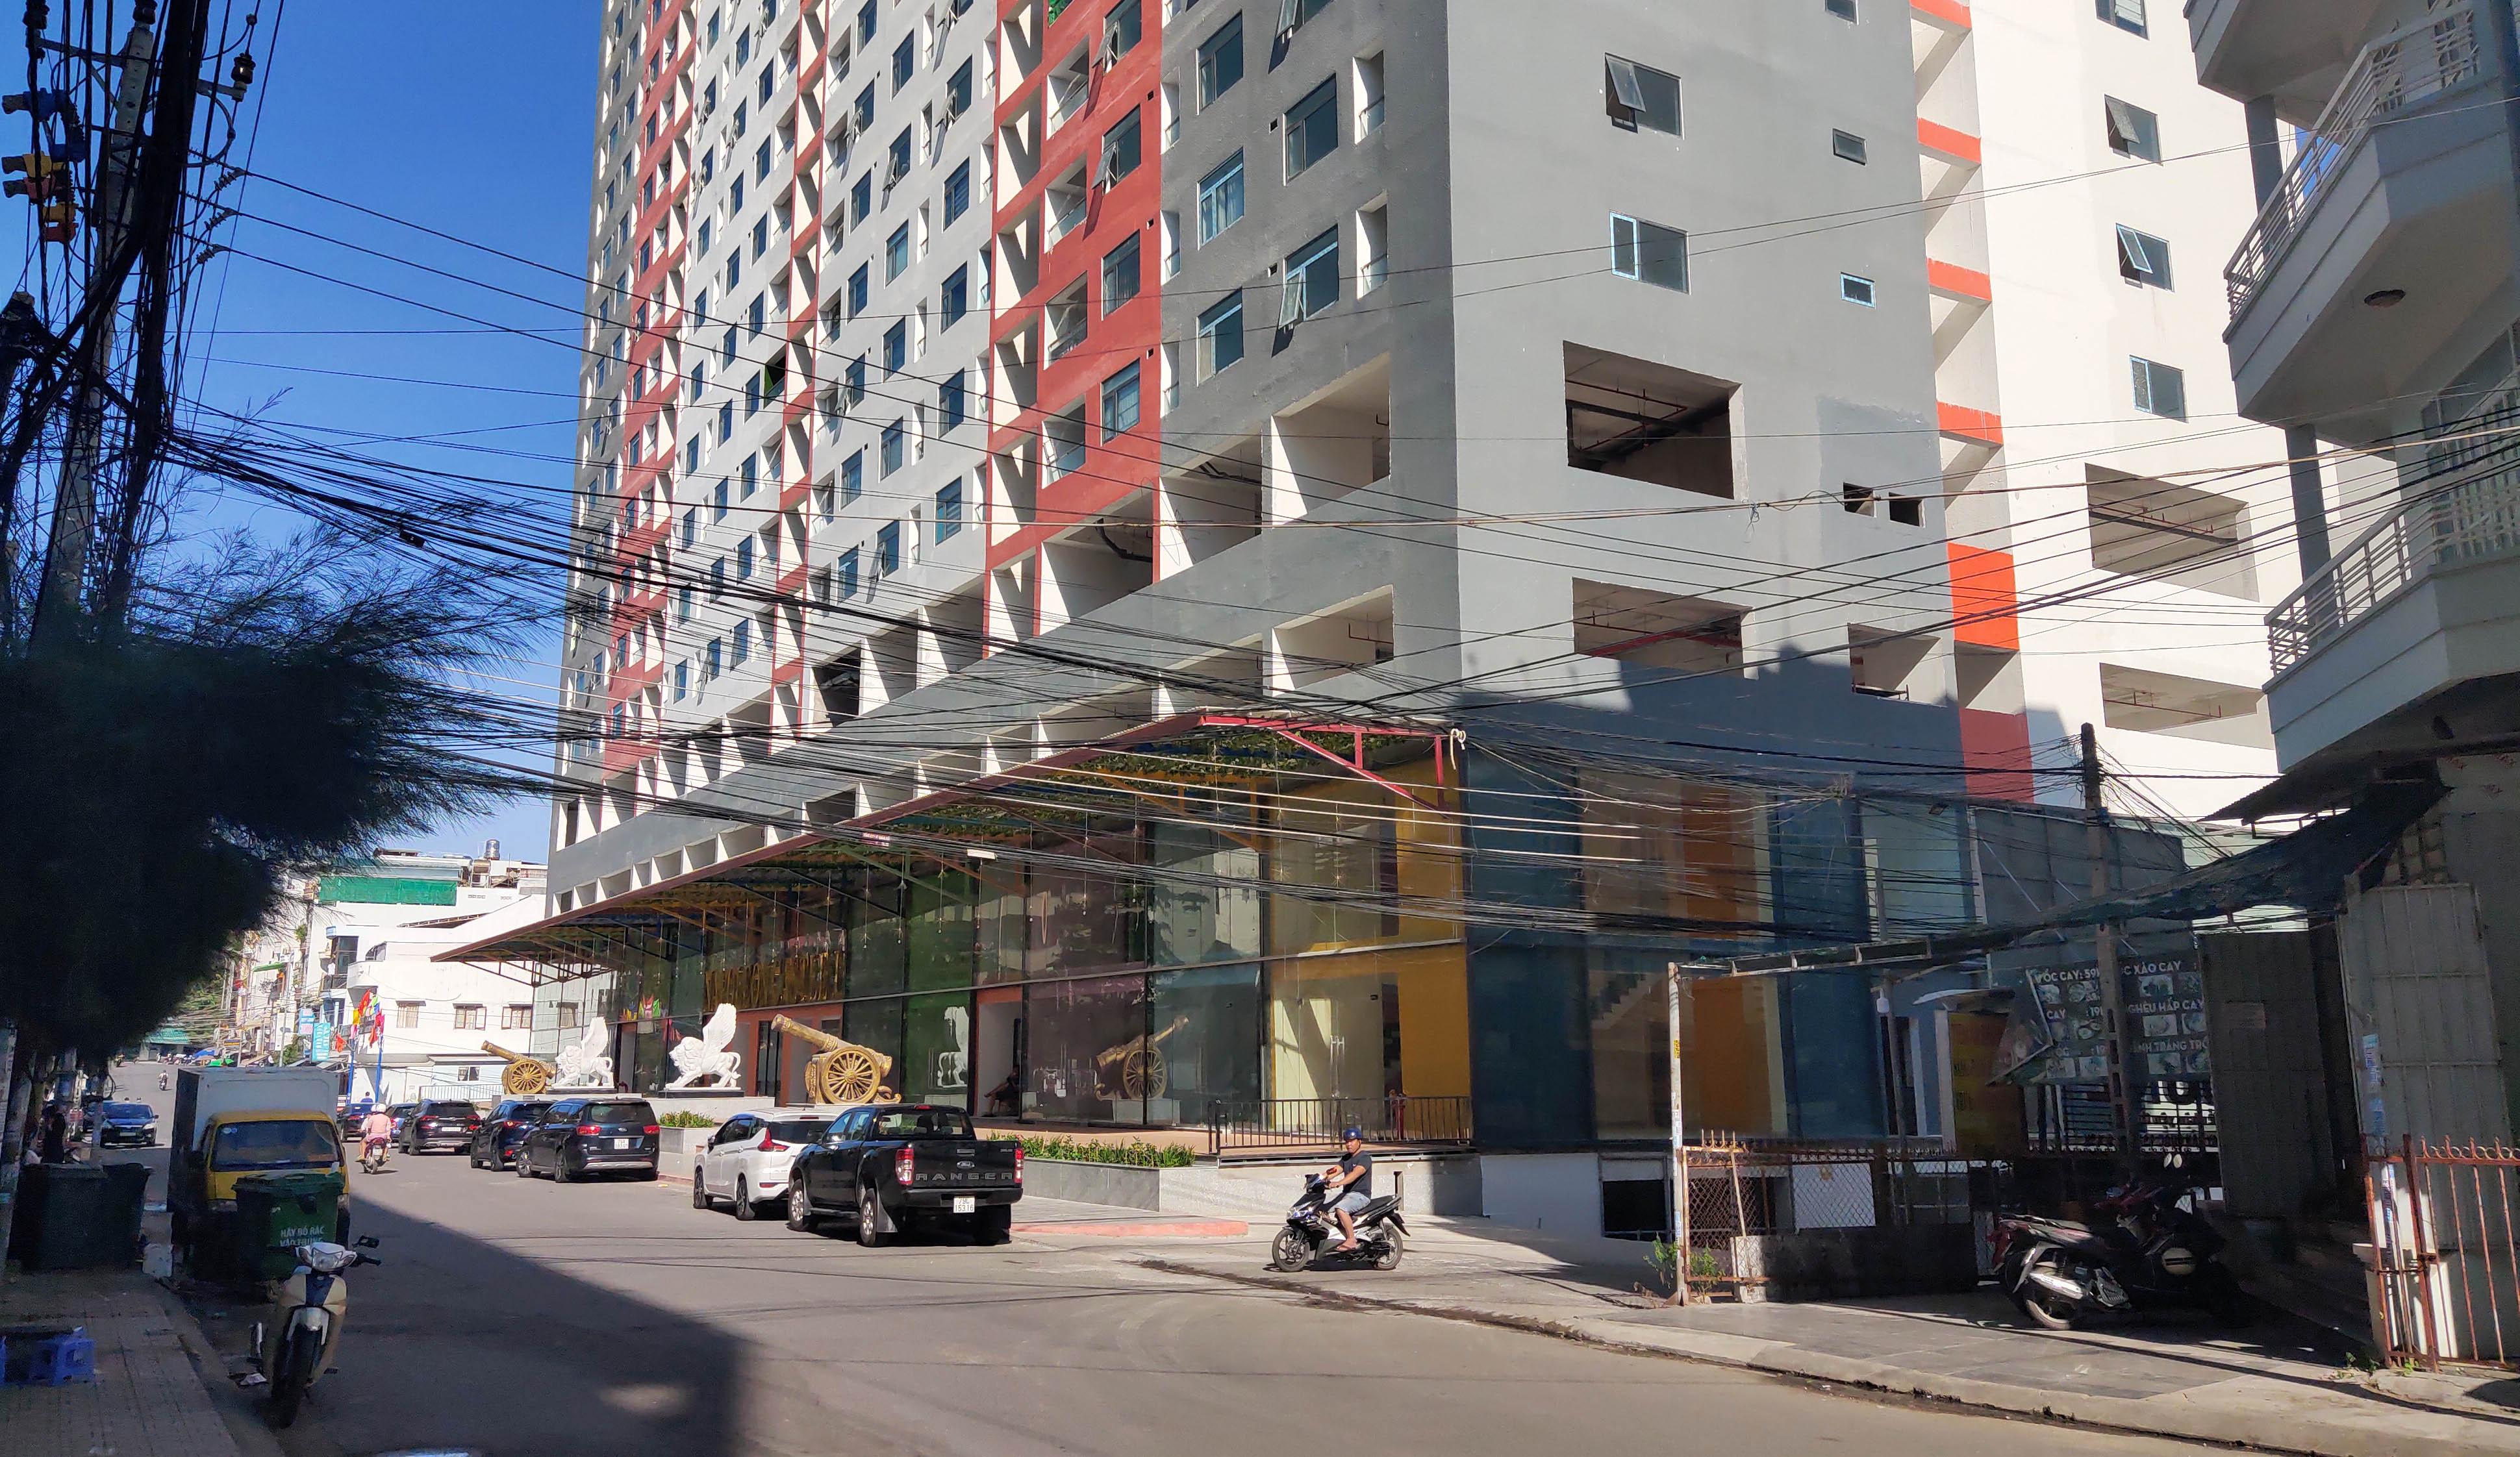 Khánh Hòa: Khu đất công thành chung cư 40 tầng  - Ảnh 4.